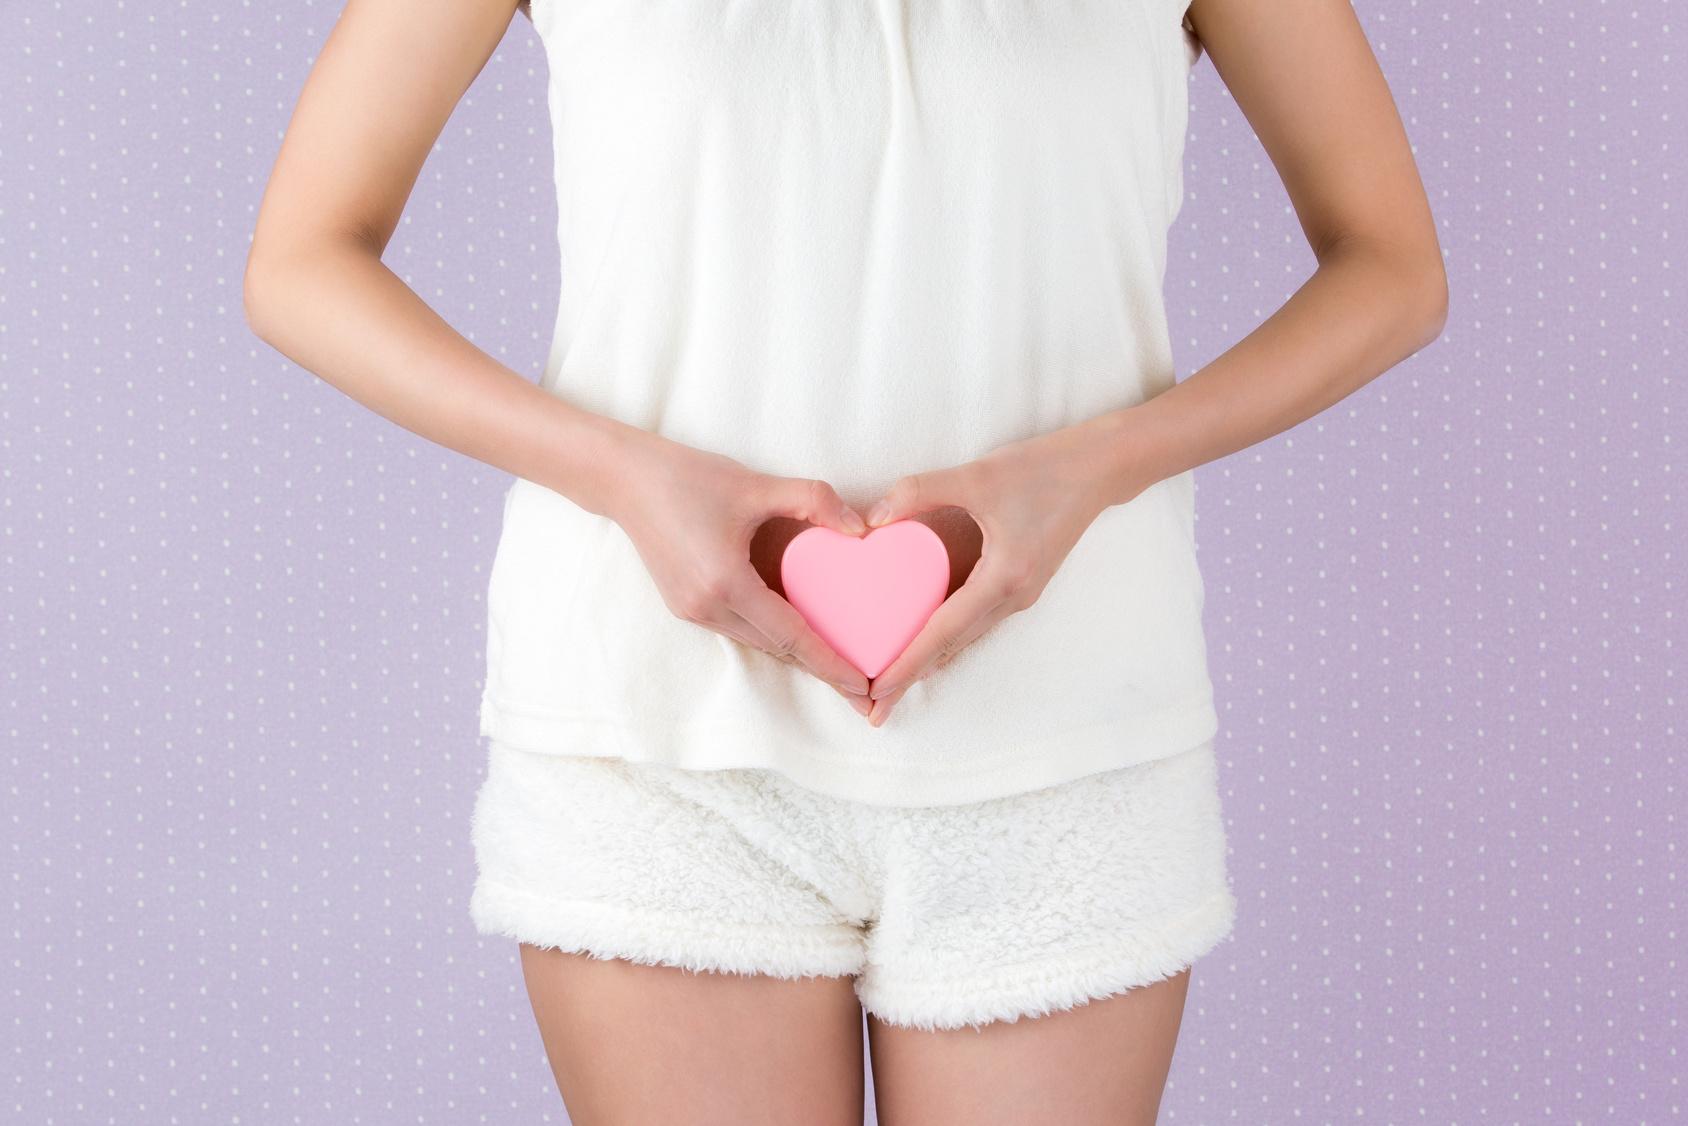 経験症例数が多い名医が不妊症に対して子宮内膜症手術をすると自然妊娠率が上昇!